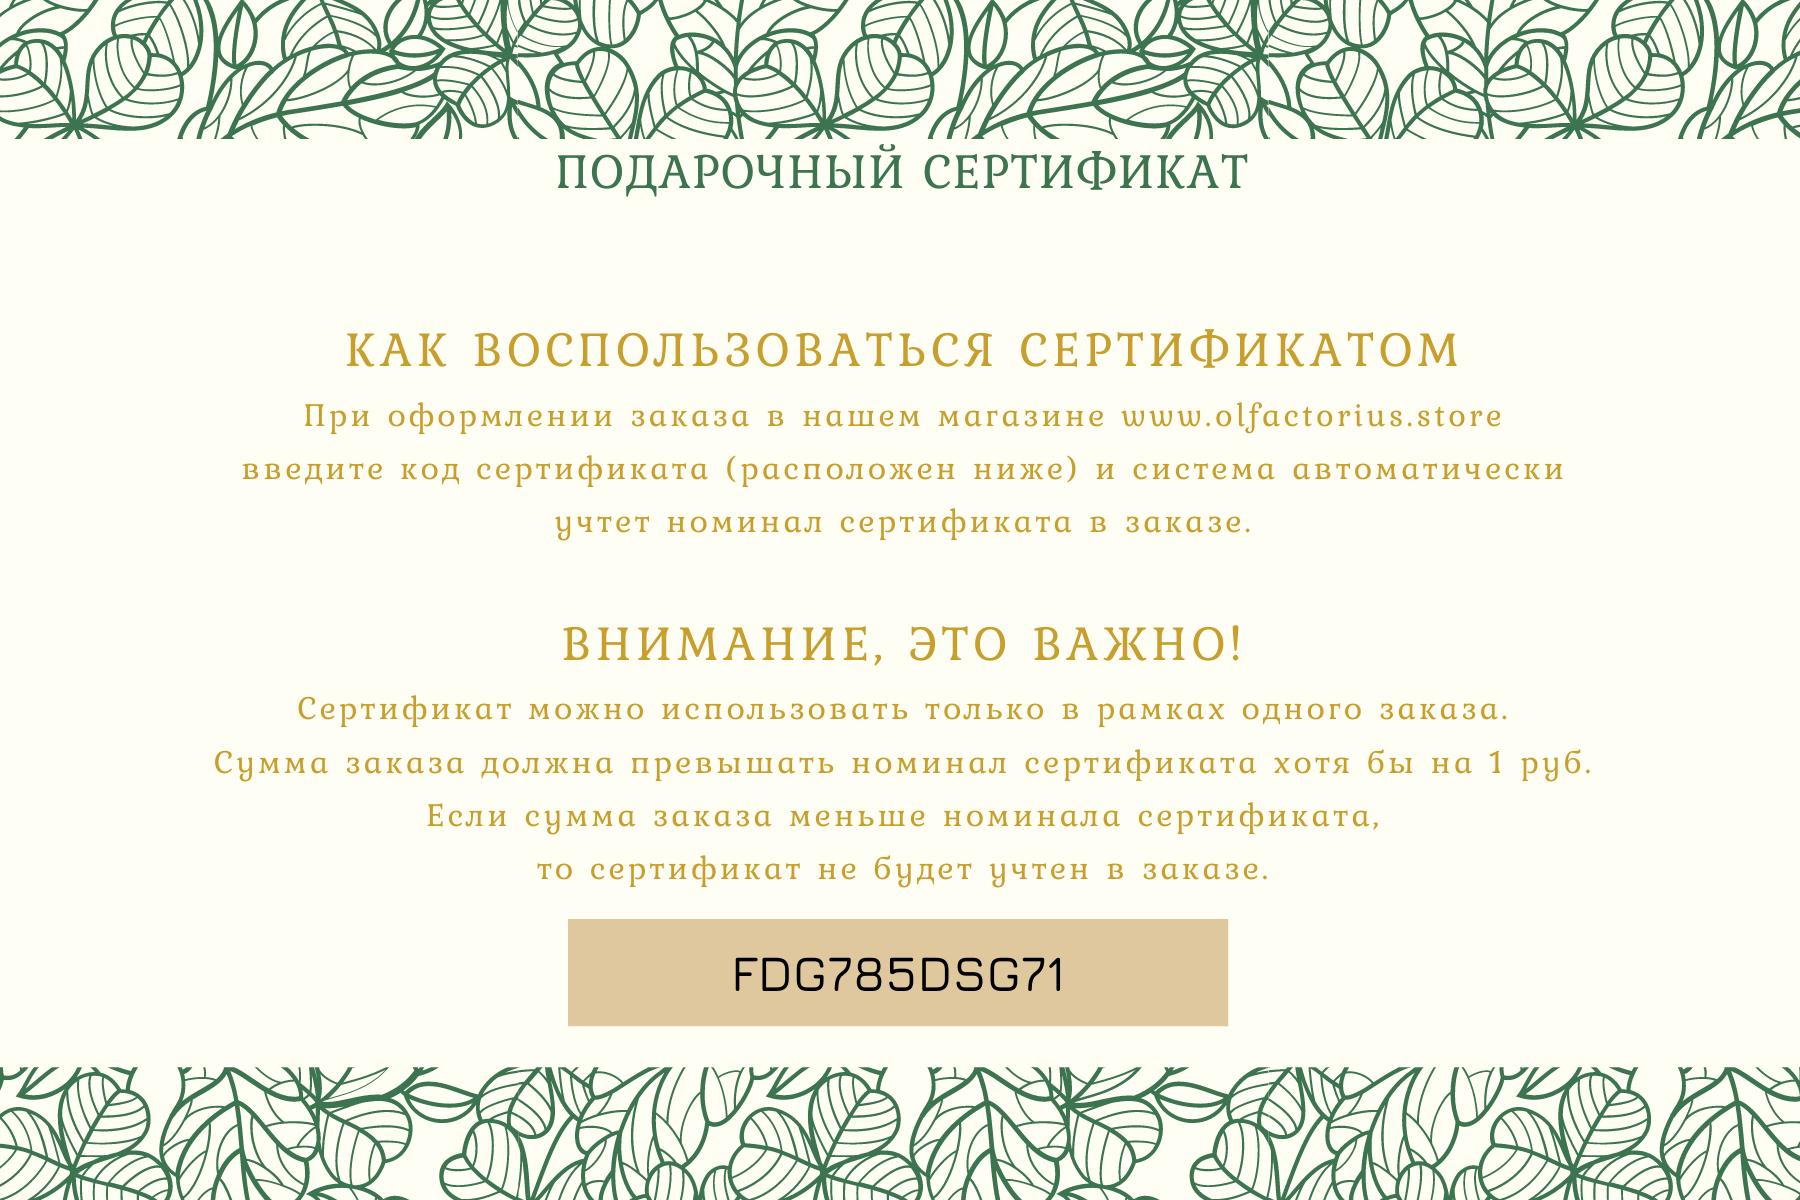 Подарочный сертификат на 1500руб.